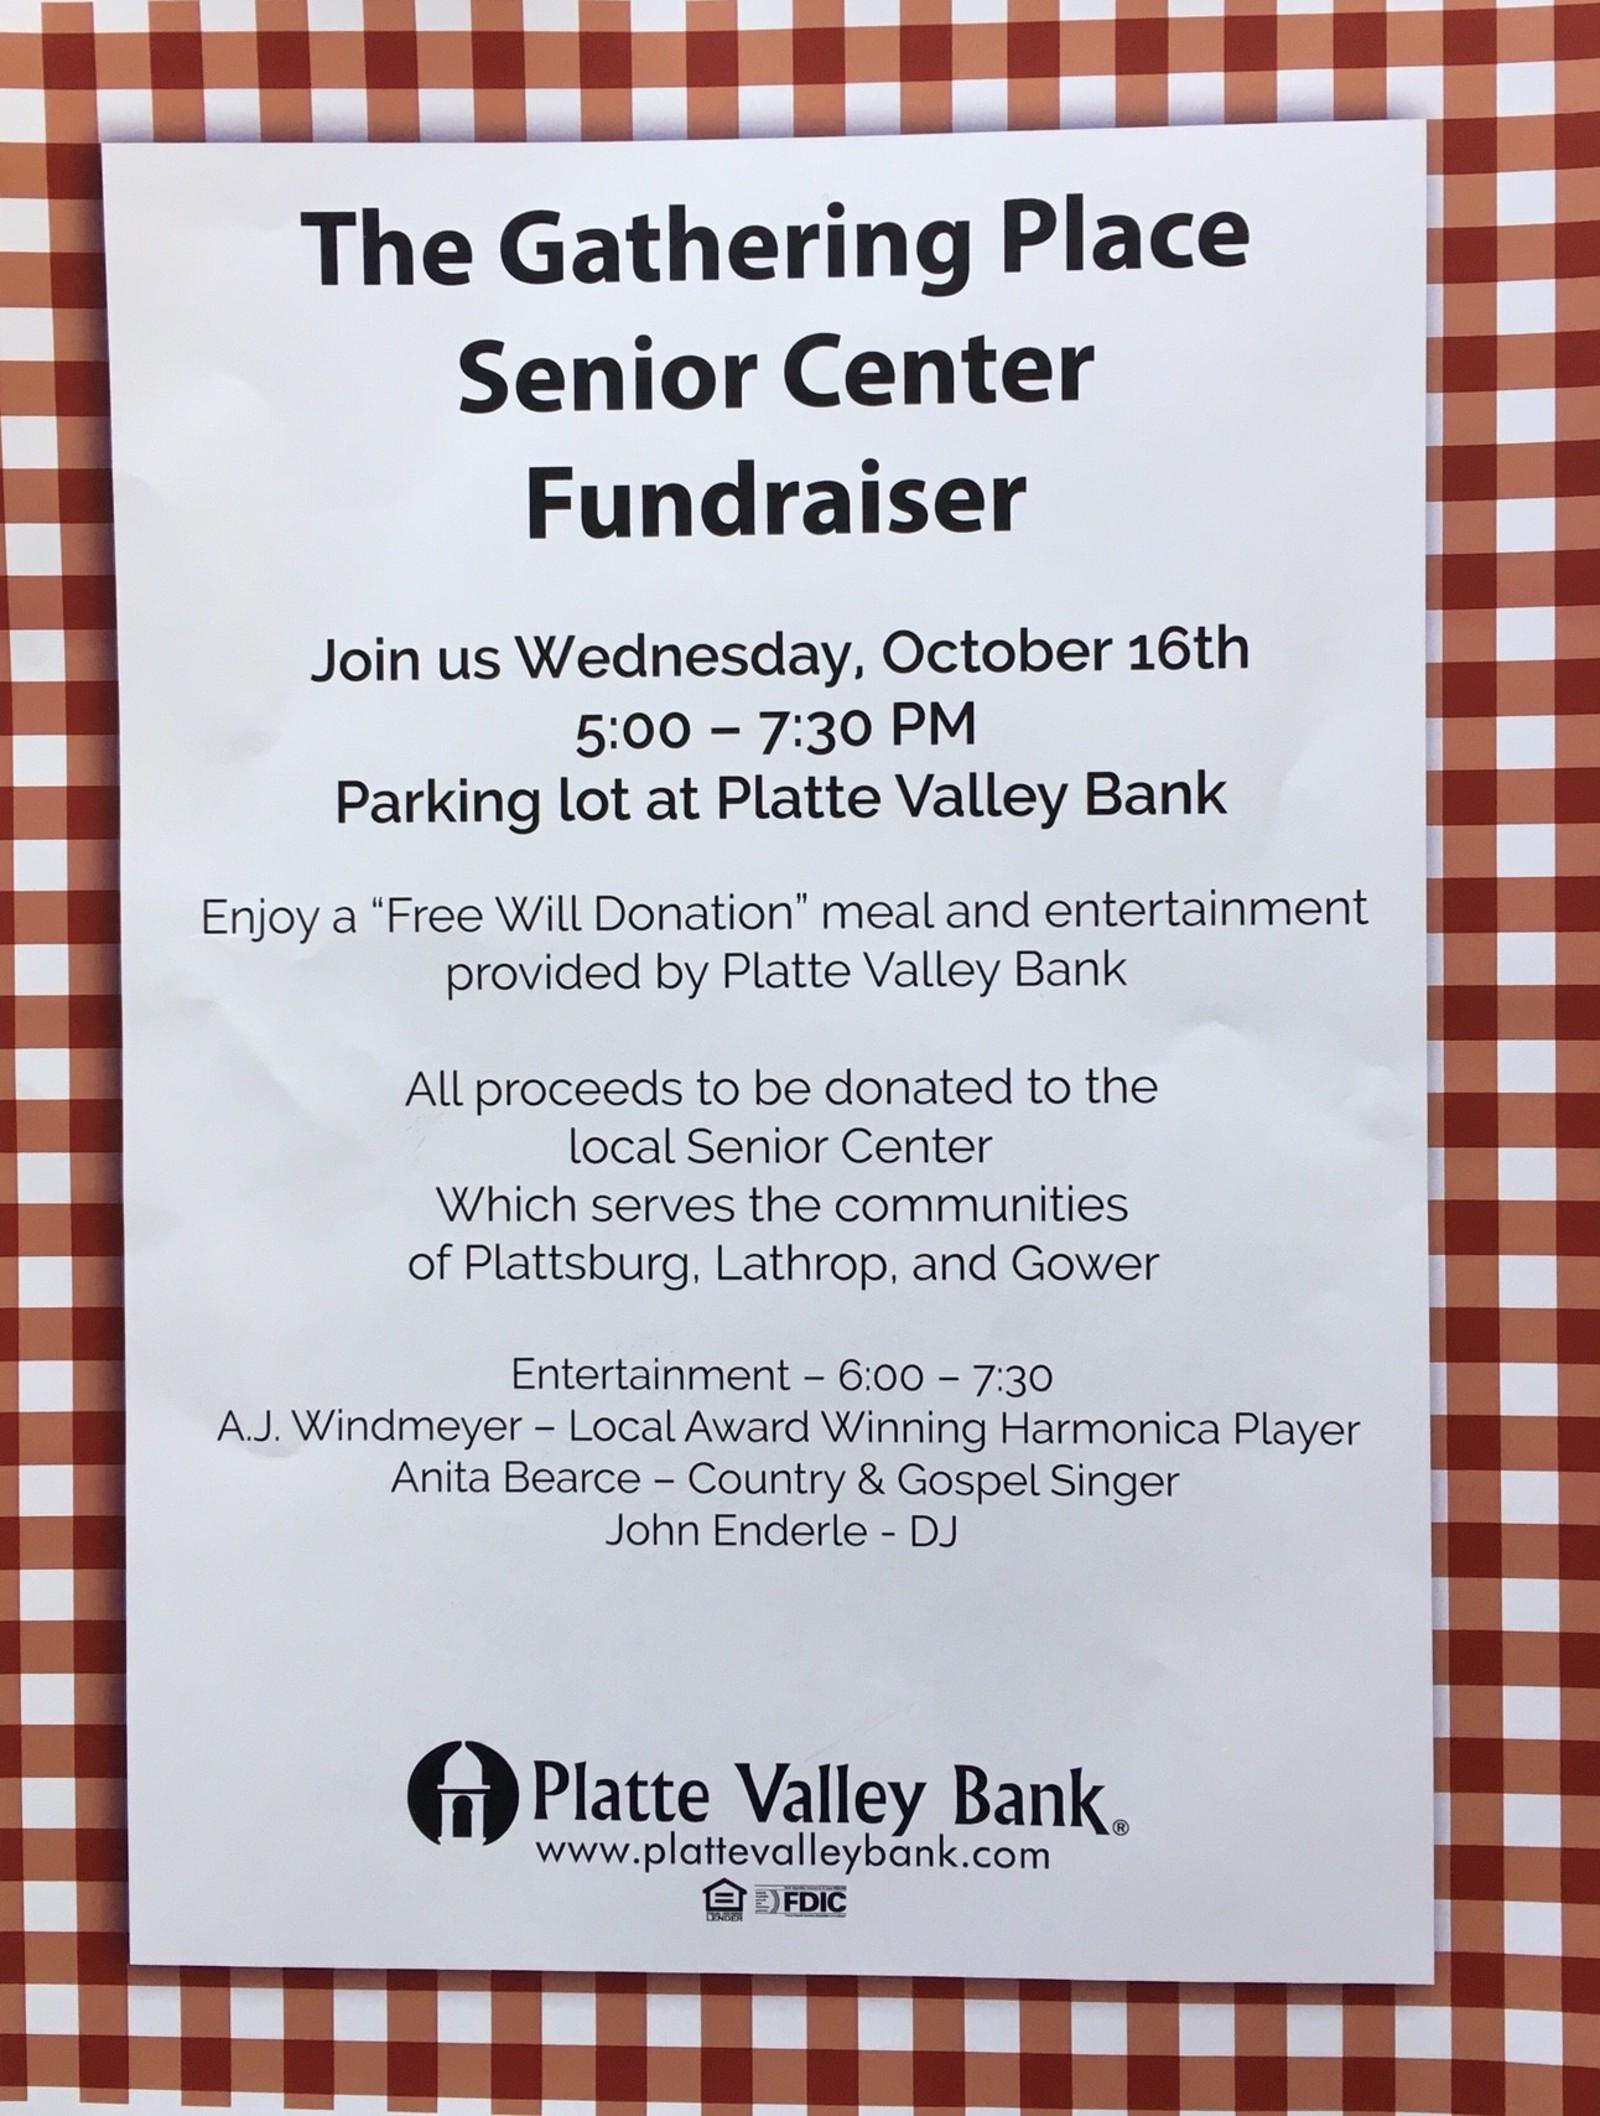 Sr Center Fundraiser